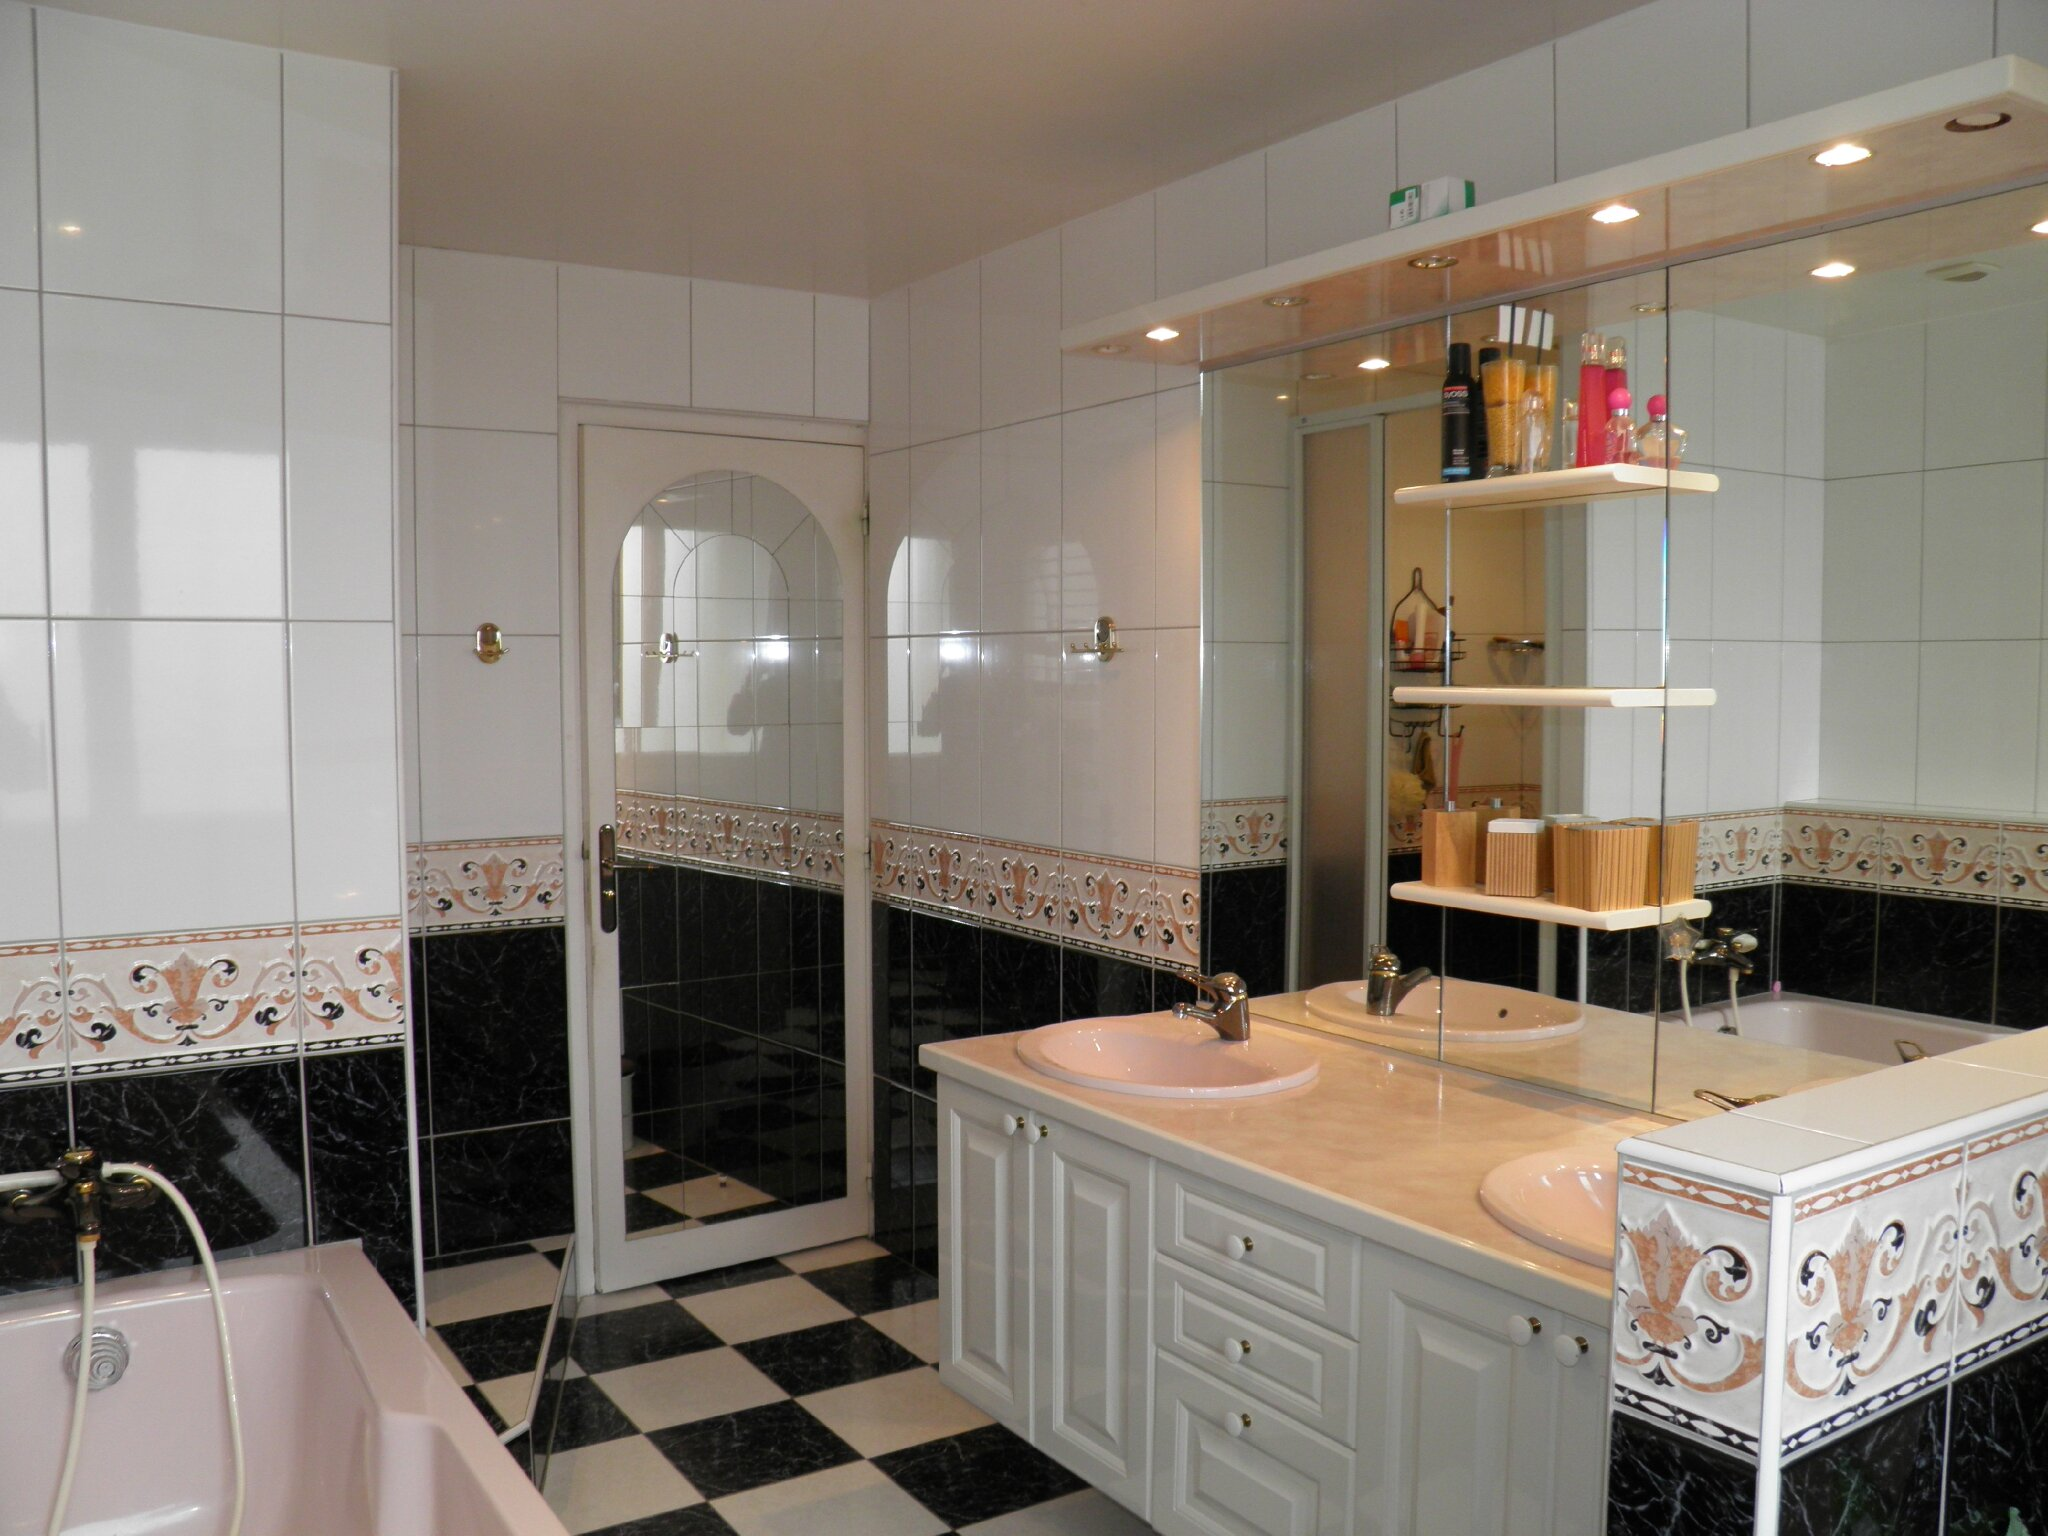 salle de bain avec douche baignoire wc et deux vasques maison neuville. Black Bedroom Furniture Sets. Home Design Ideas